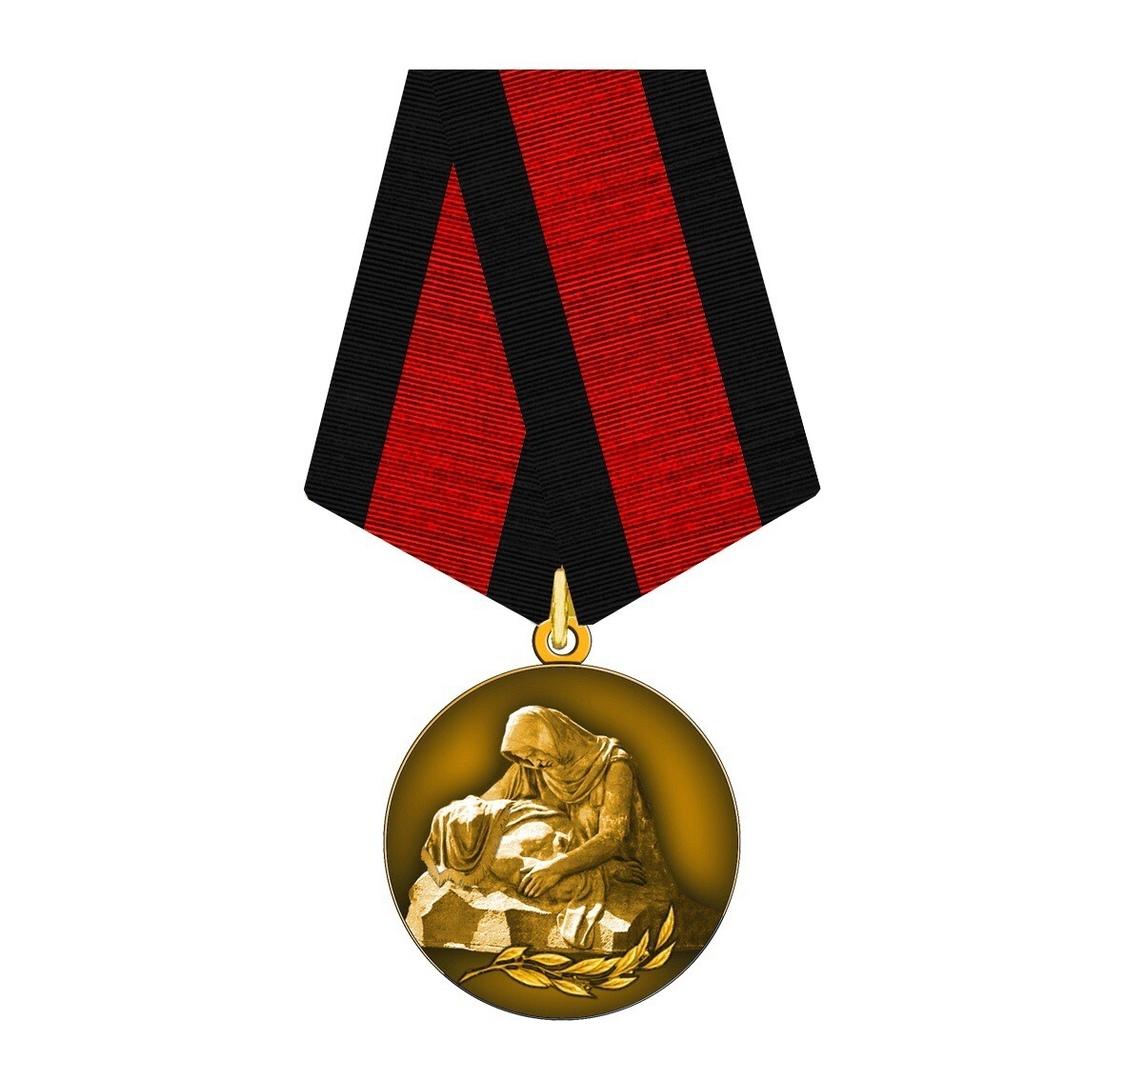 23.09.2019  Красноармеец Передрий С.Е. удостоен медали  «Шагнувши в бессмертие» посмертно